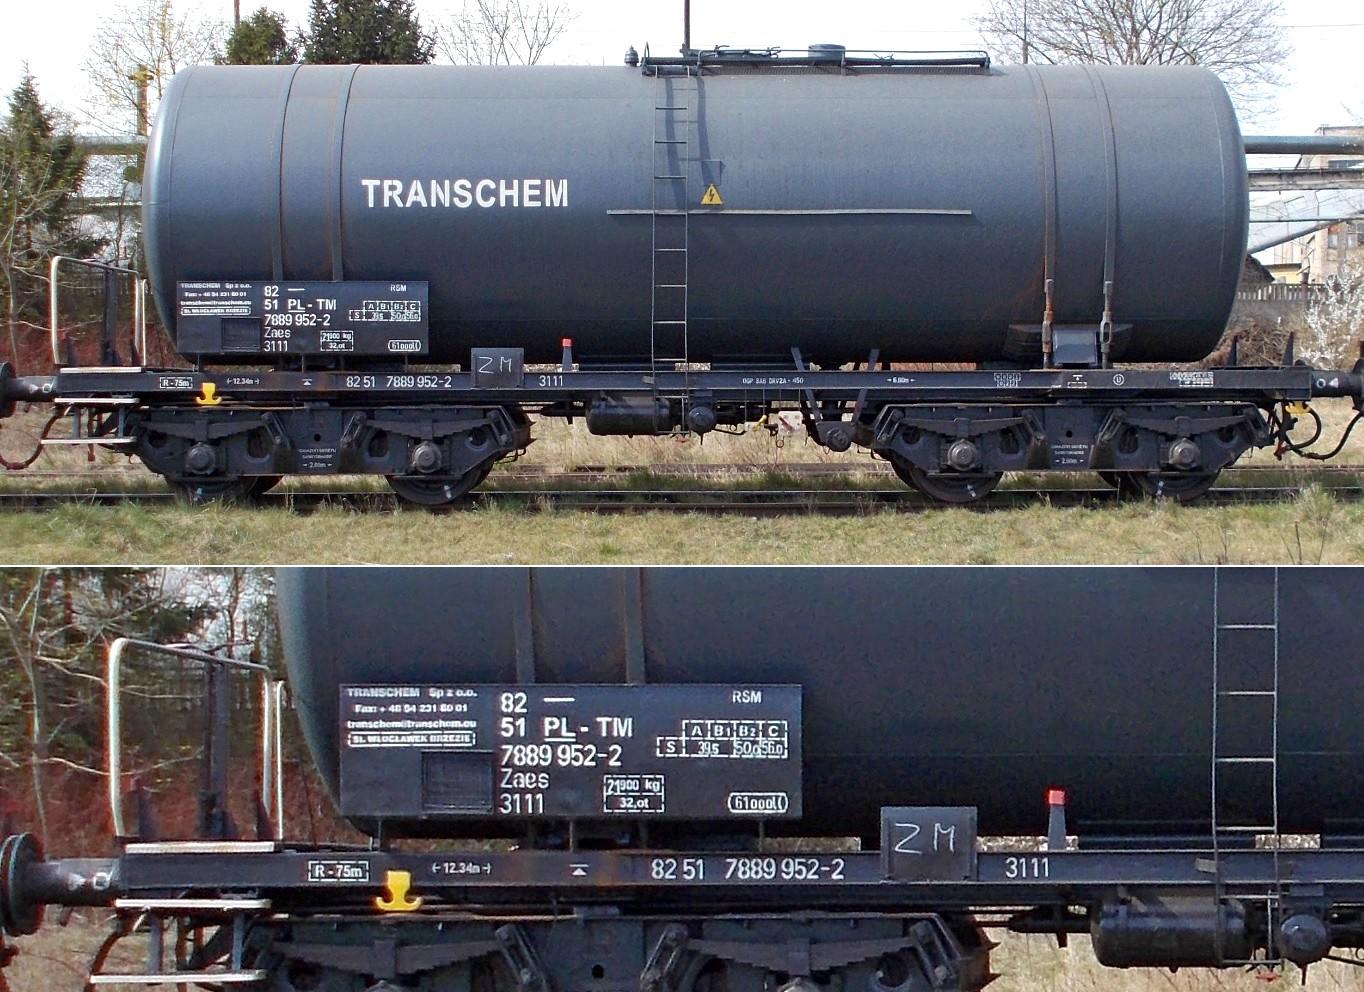 10. Stacja Dobre Miasto. Cysterna do przewozu RSM typu 406R TRANSCHEM (1).jpg